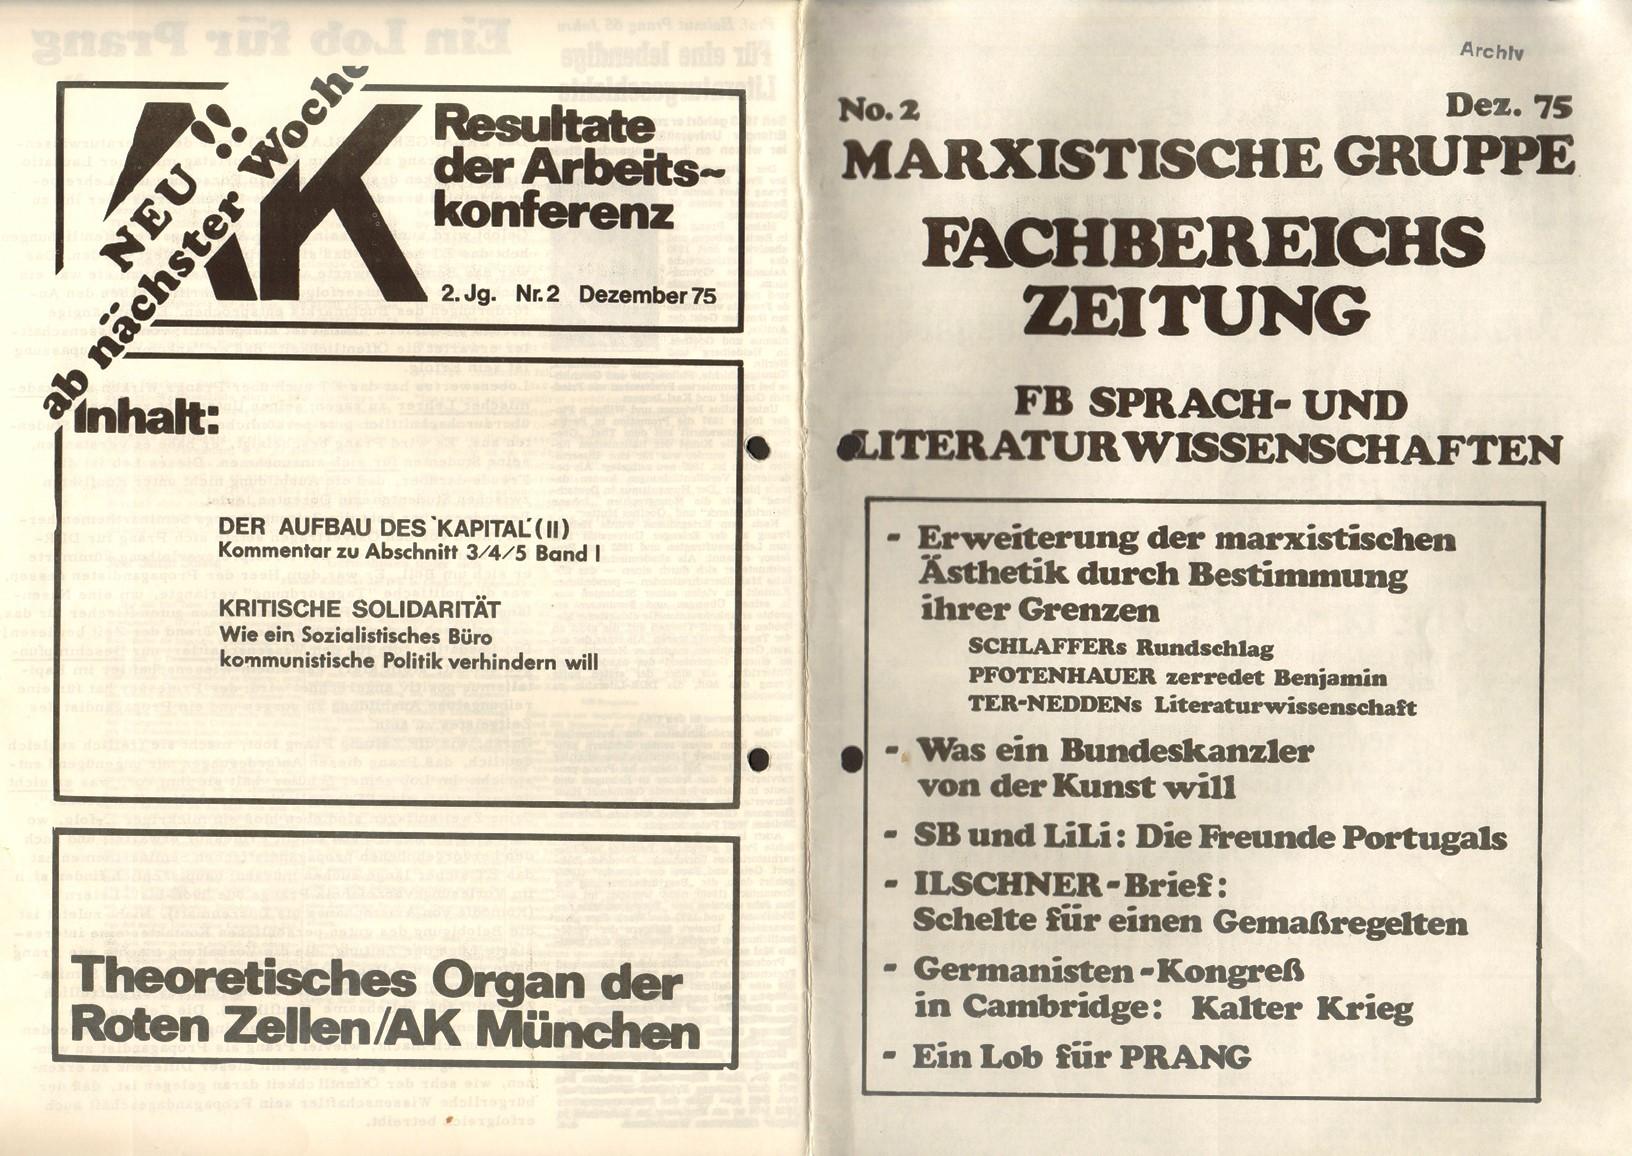 Muenchen_MG_FB_Sprach_Literaturwissenschaften_19751200_01